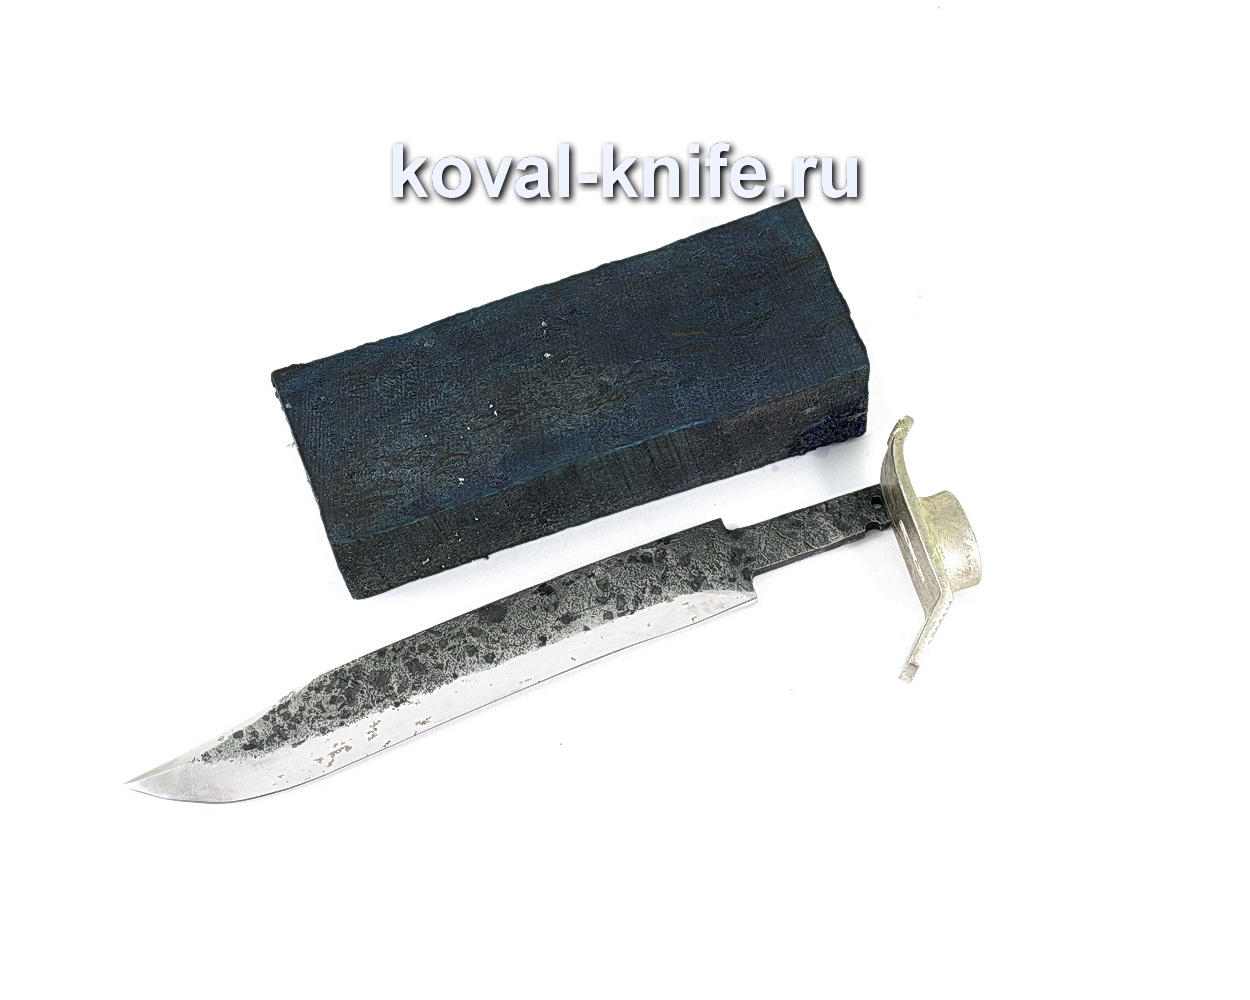 Комплект для ножа НР-40 8 (клинок кованая 9ХС 3,5-5мм, литье 1шт., граб брусок)